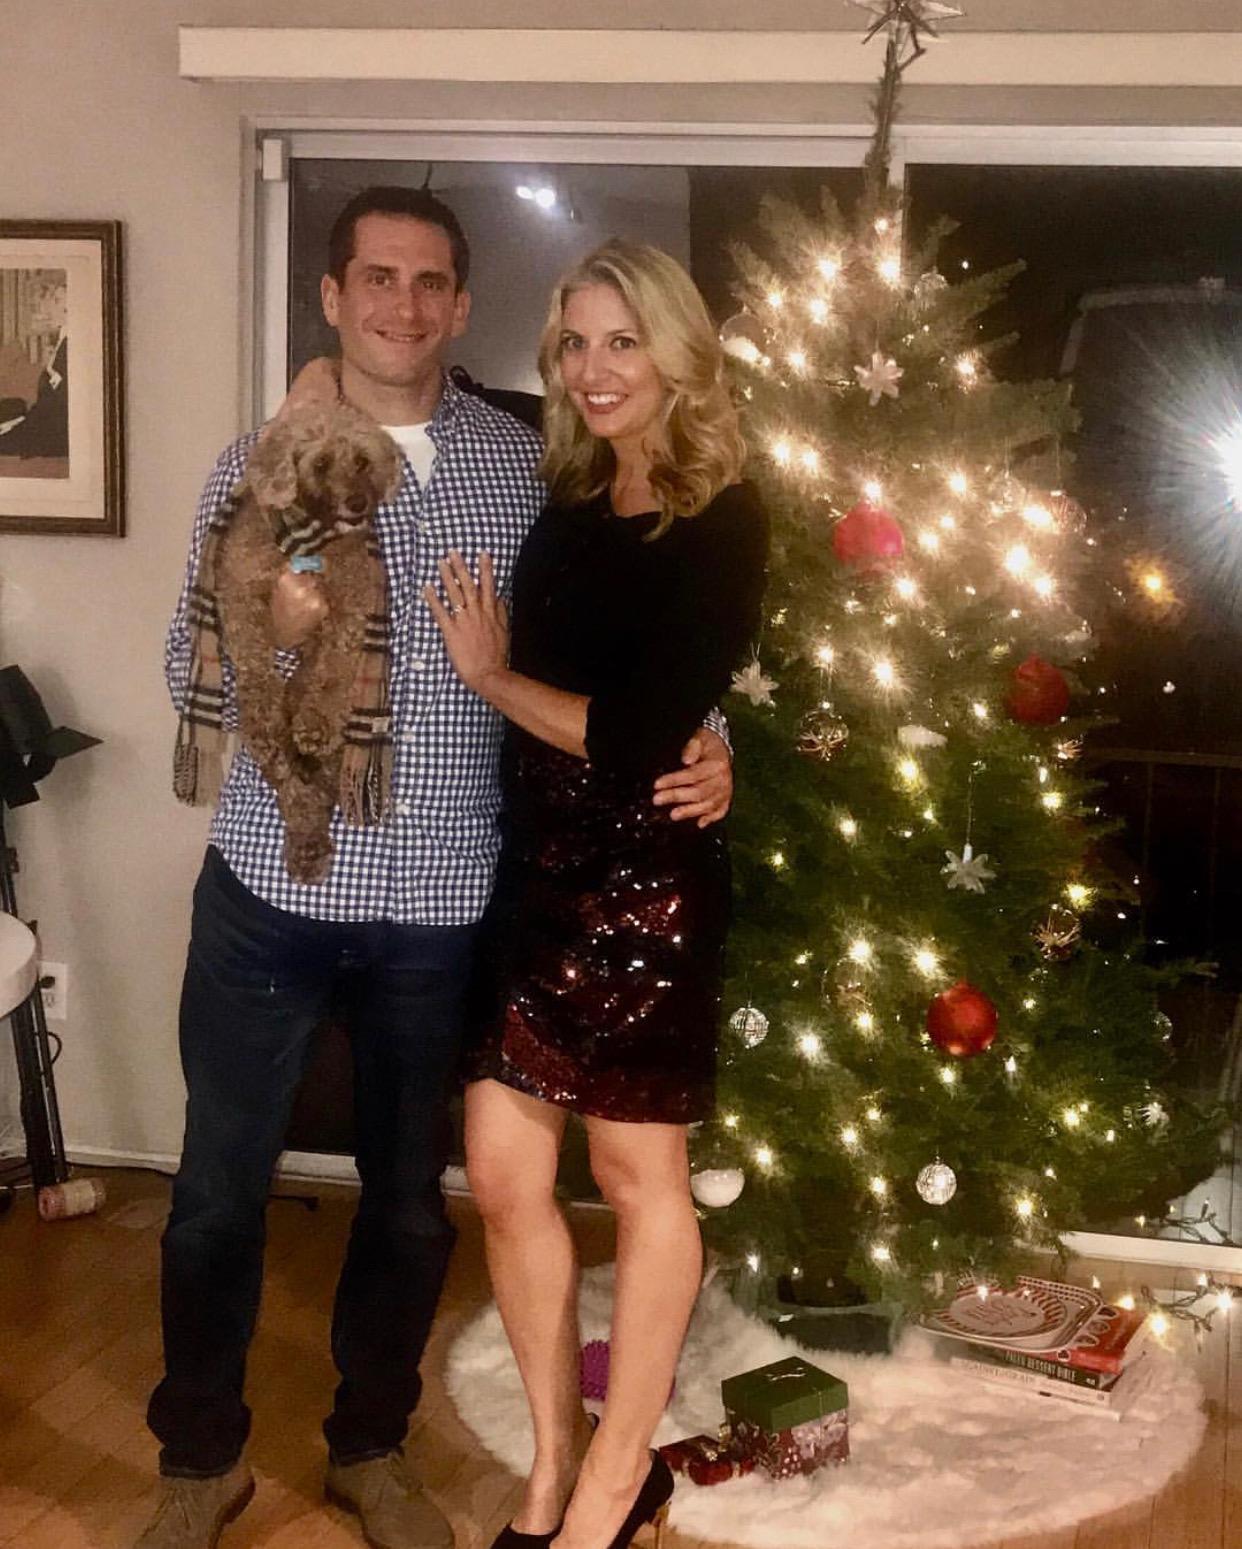 Our engagement, Dec. 22, 2018